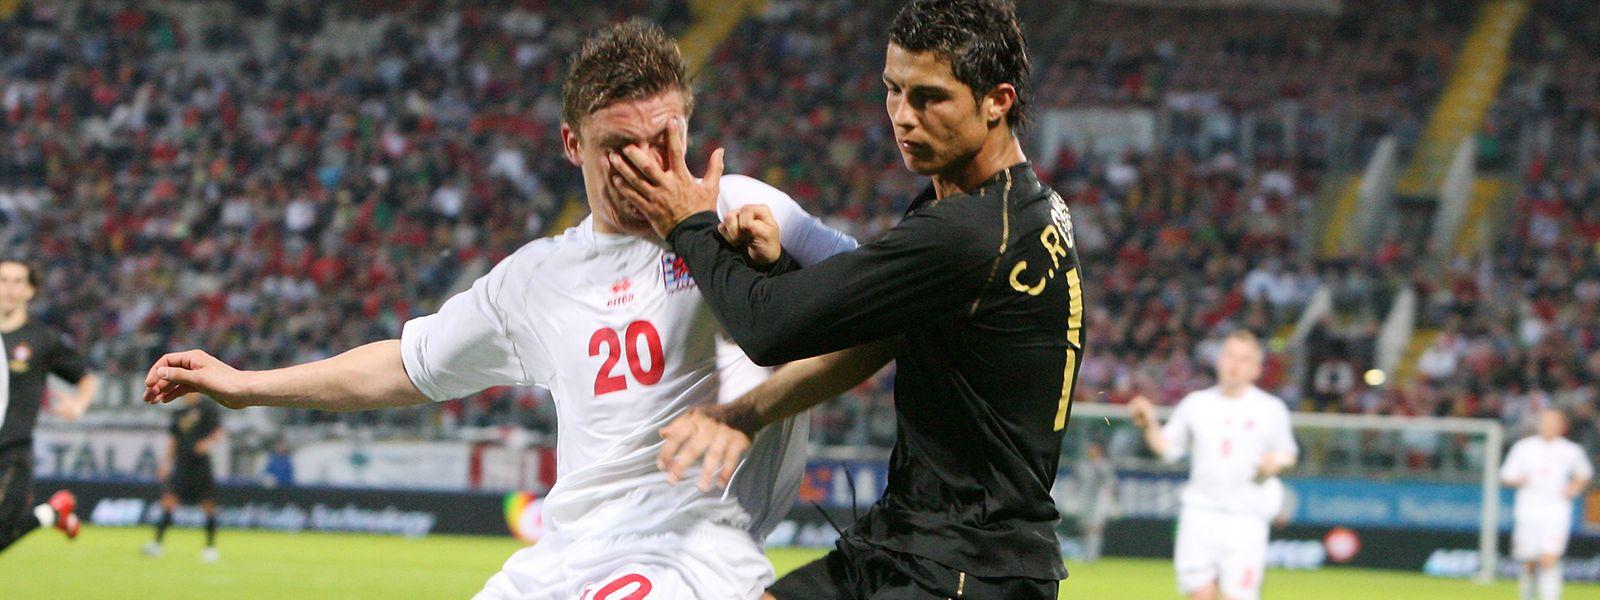 Le 3 juin 2006 en amical à Metz, Cristiano Ronaldo (à dr., en noir) flanque sa main dans le visage de Tom Schnell